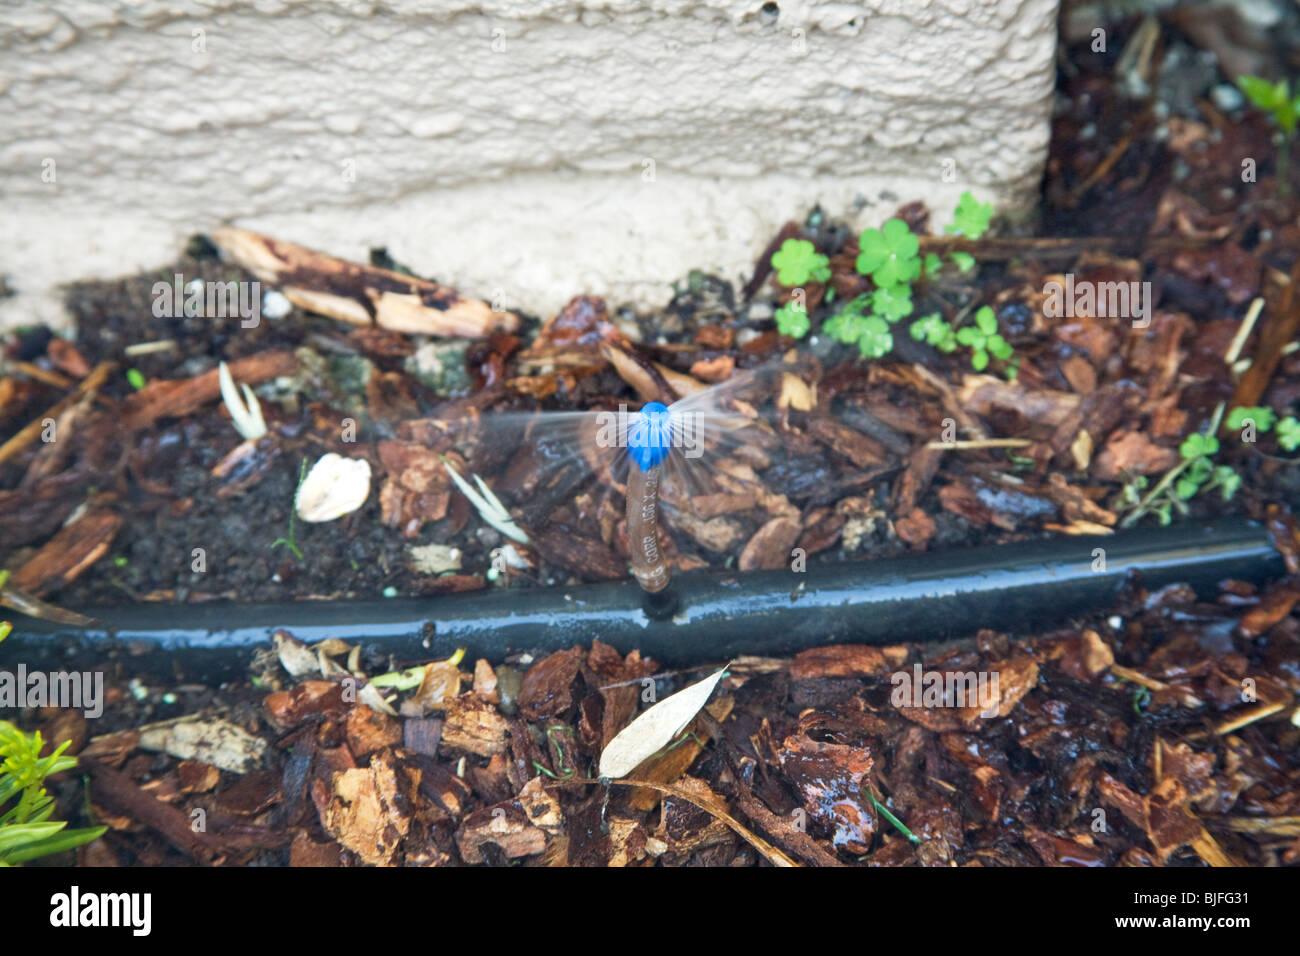 Mikro Sprühkopf in Mulch. Verwendet in trockenen Klimas als eine alternative Bewässerungstechnik spart Stockbild